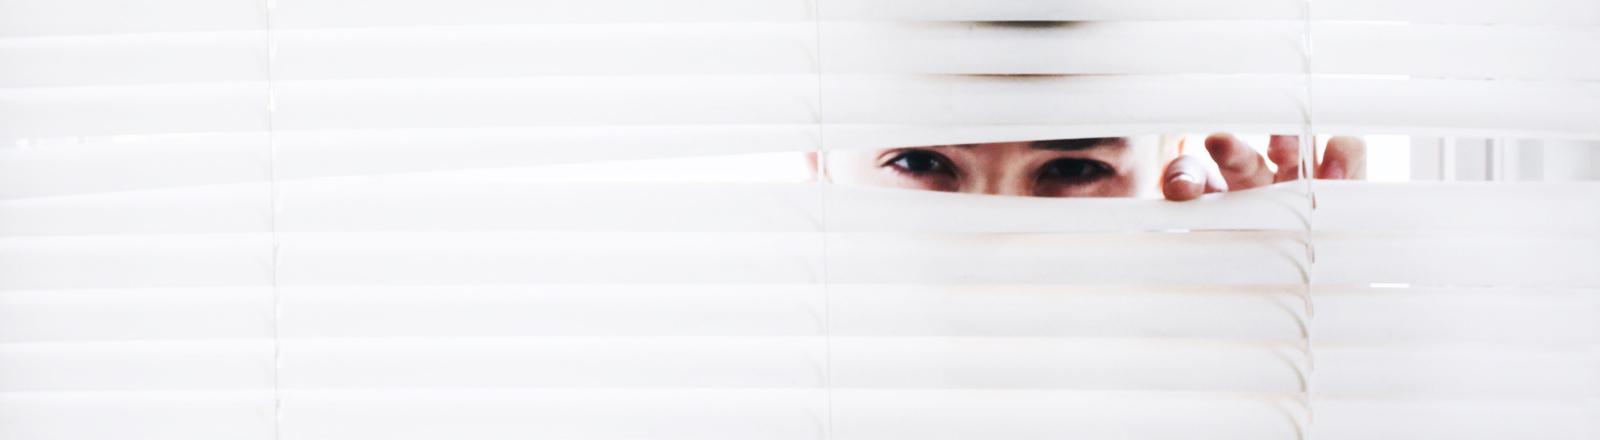 Eine Frau schaut durch eine Jalousie.